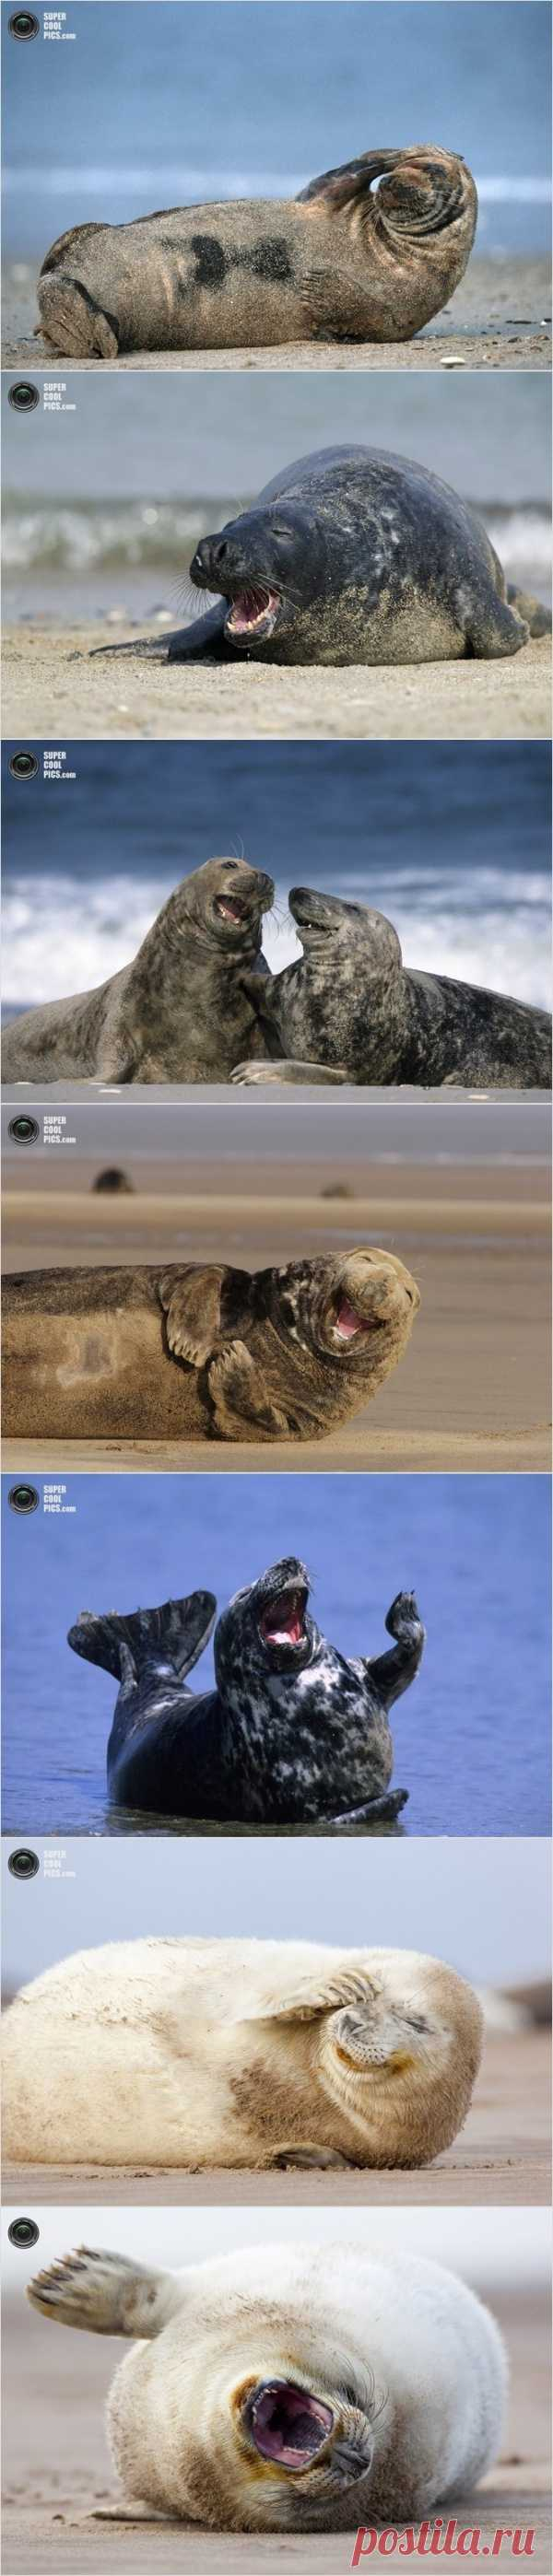 Super-positive seals